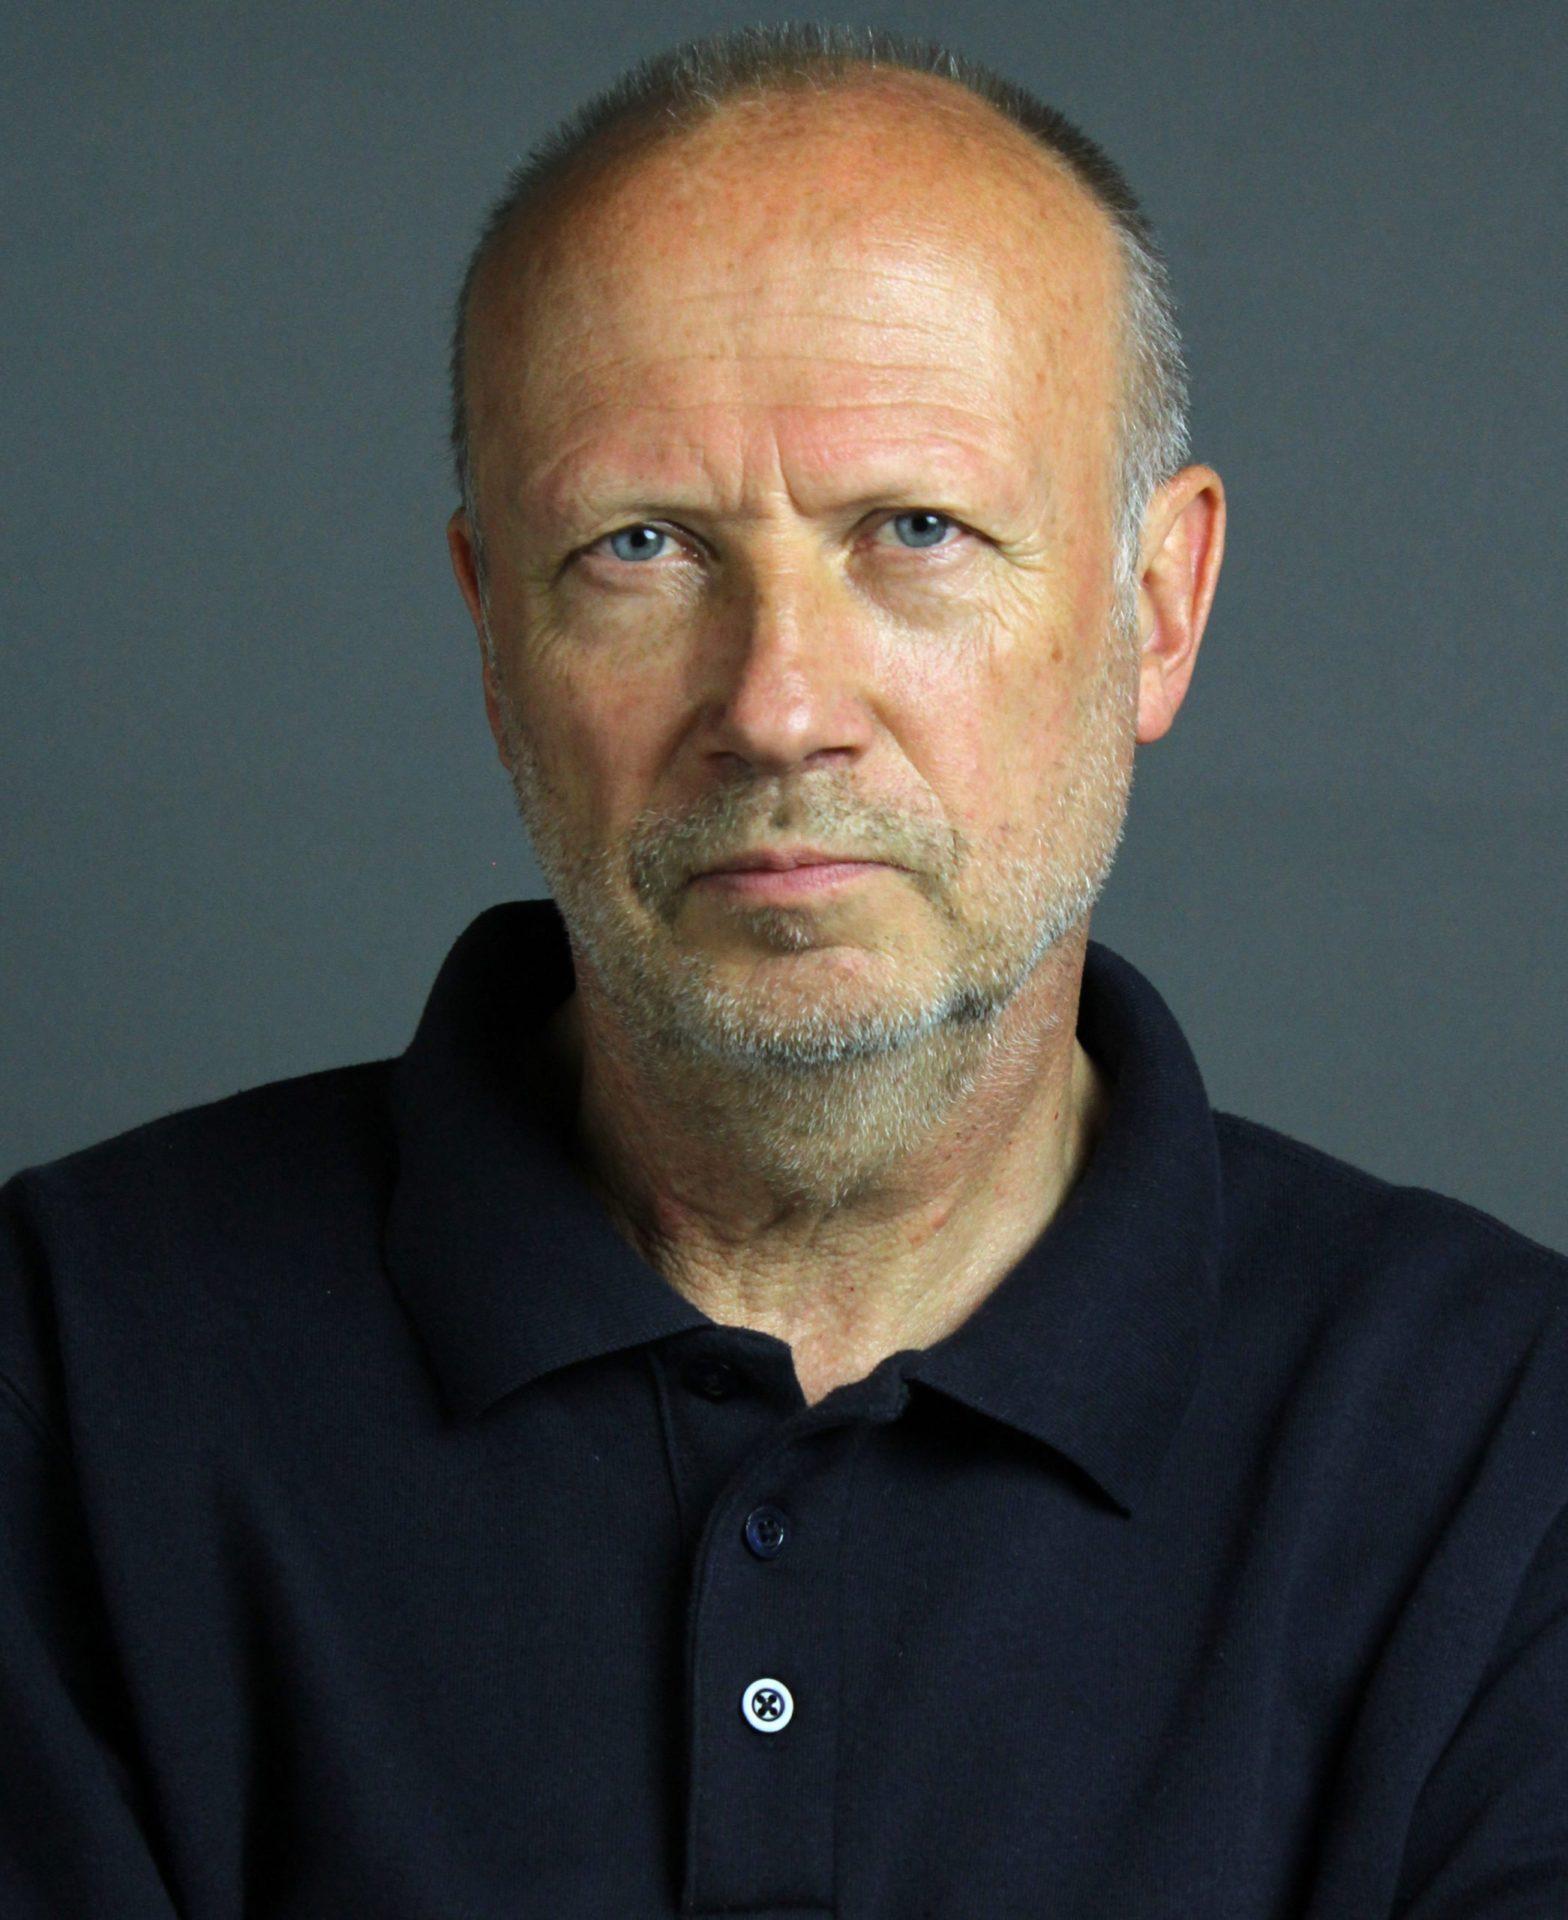 Andrejs Grants